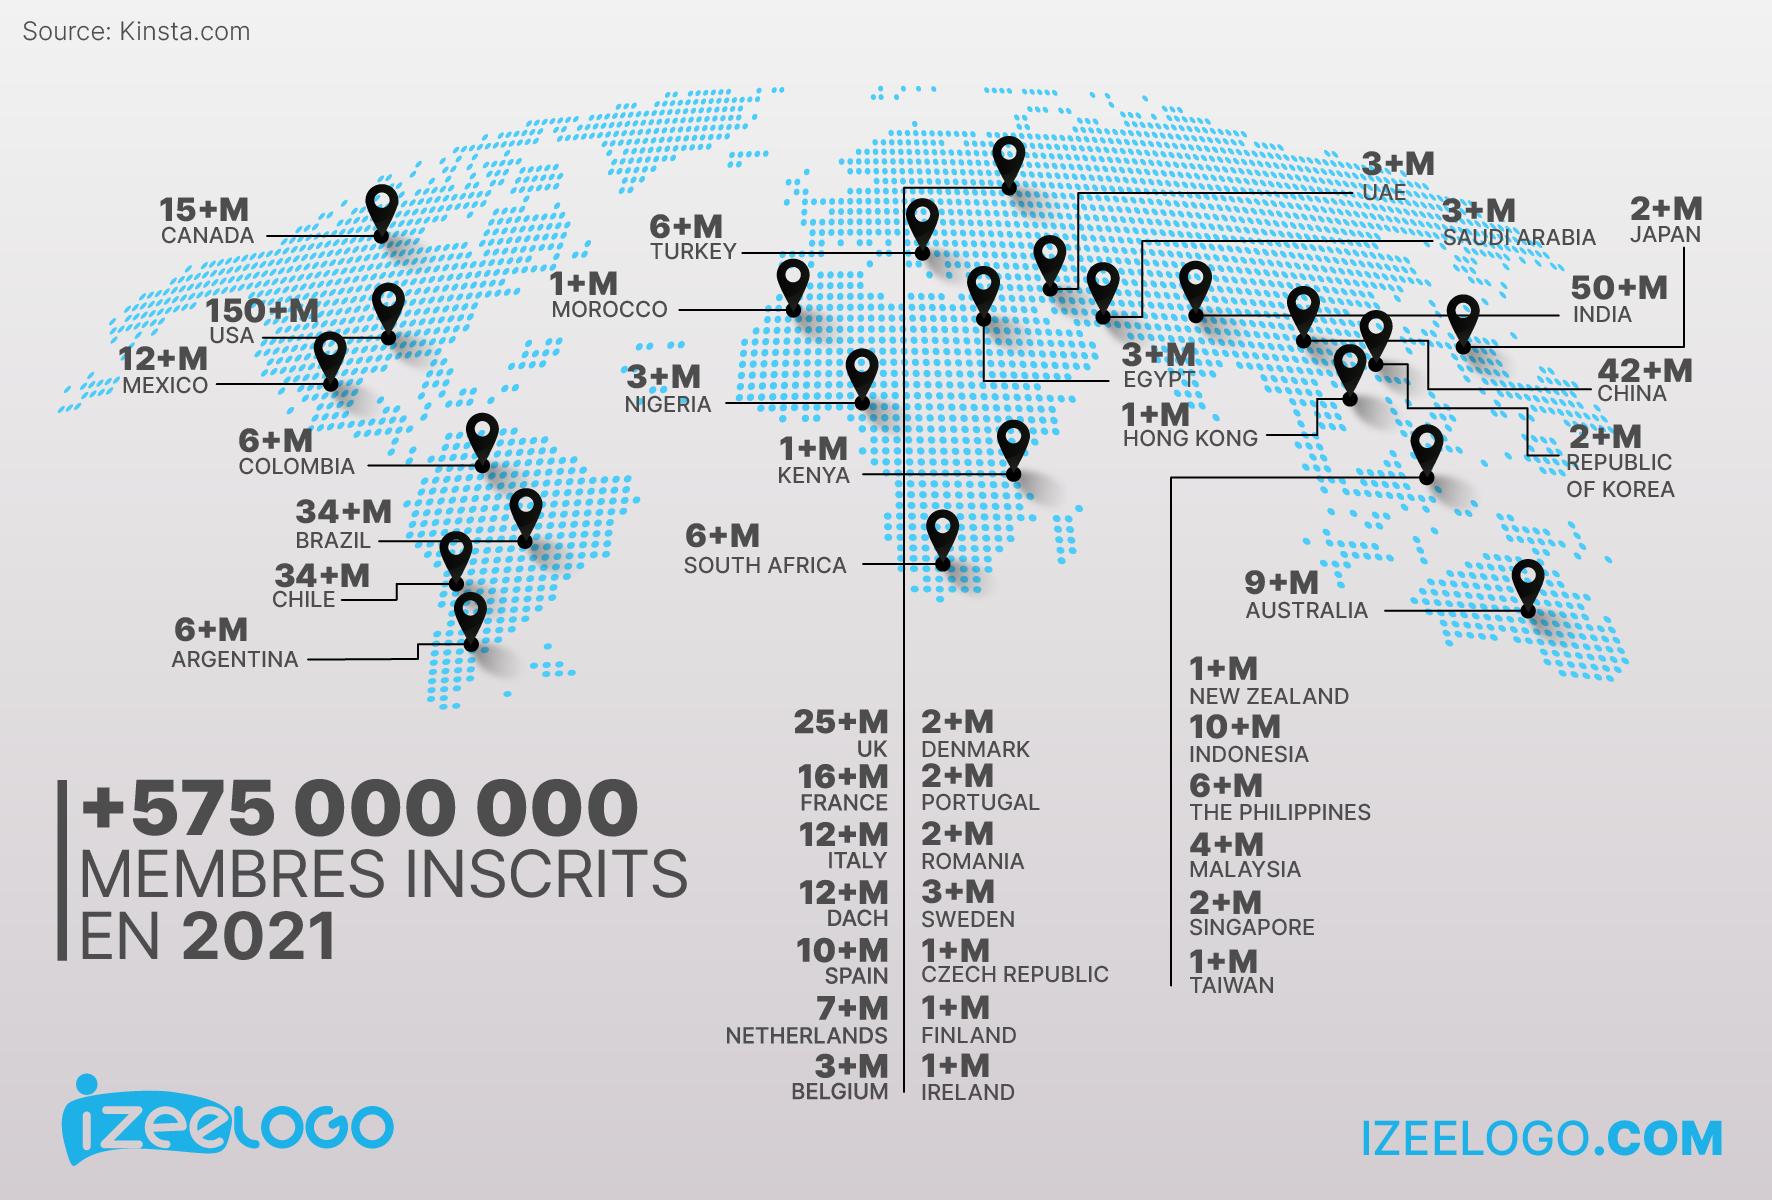 Membres enregistrés sur linkedin à travers le monde